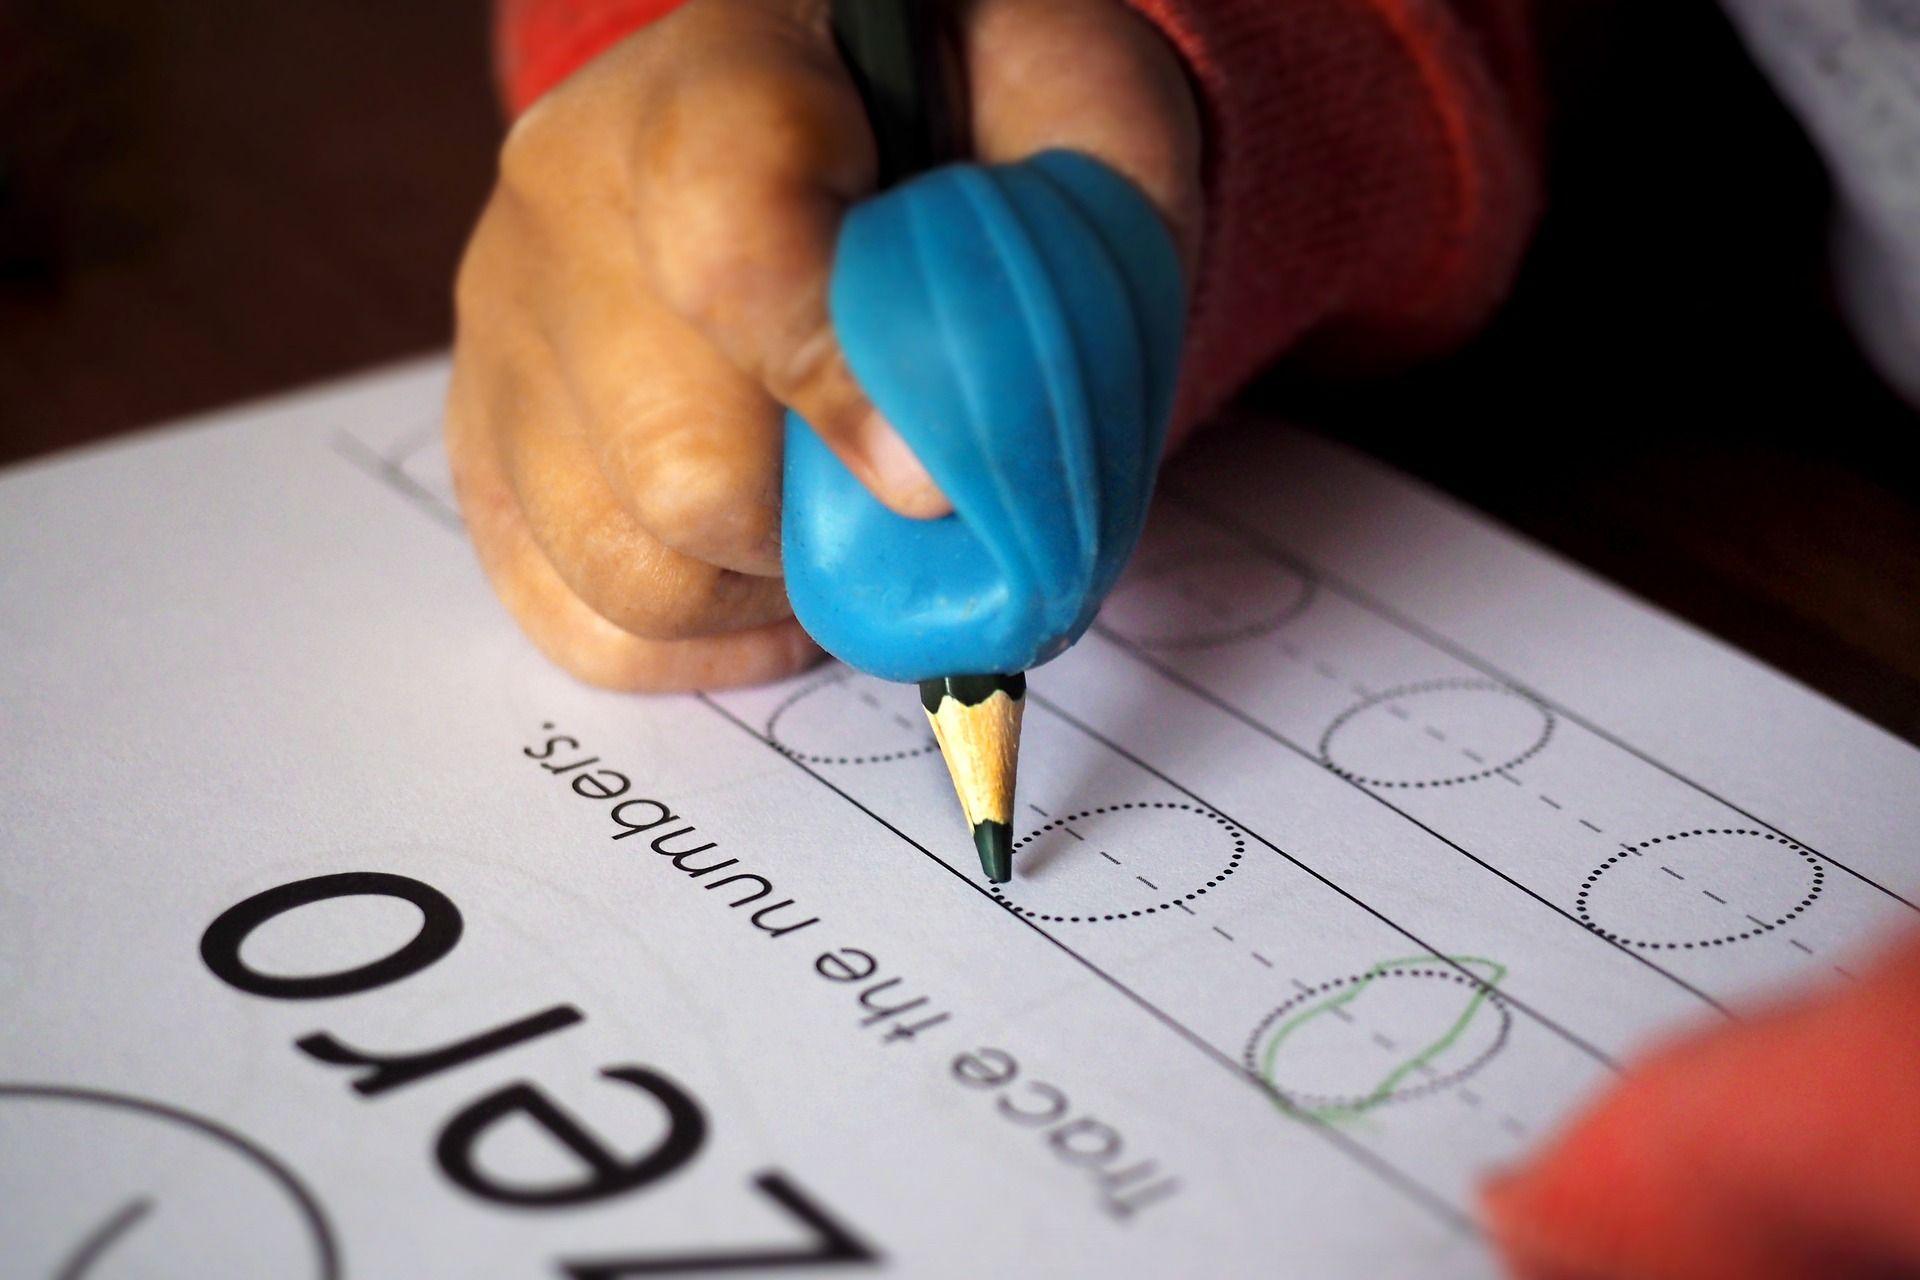 adaptive pencil grip by a school OT